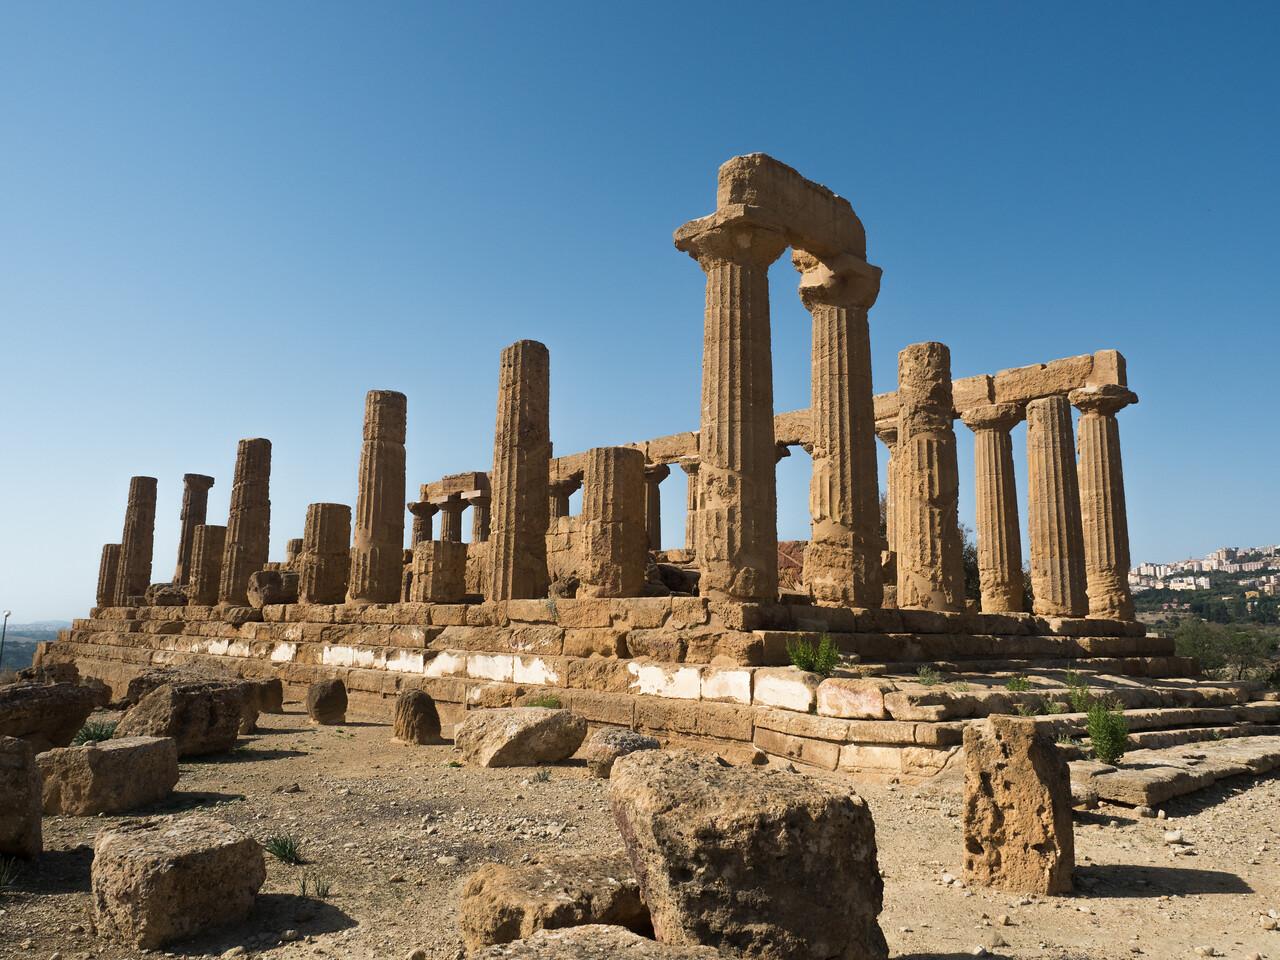 The temple of Juno (Hera Lakinia)